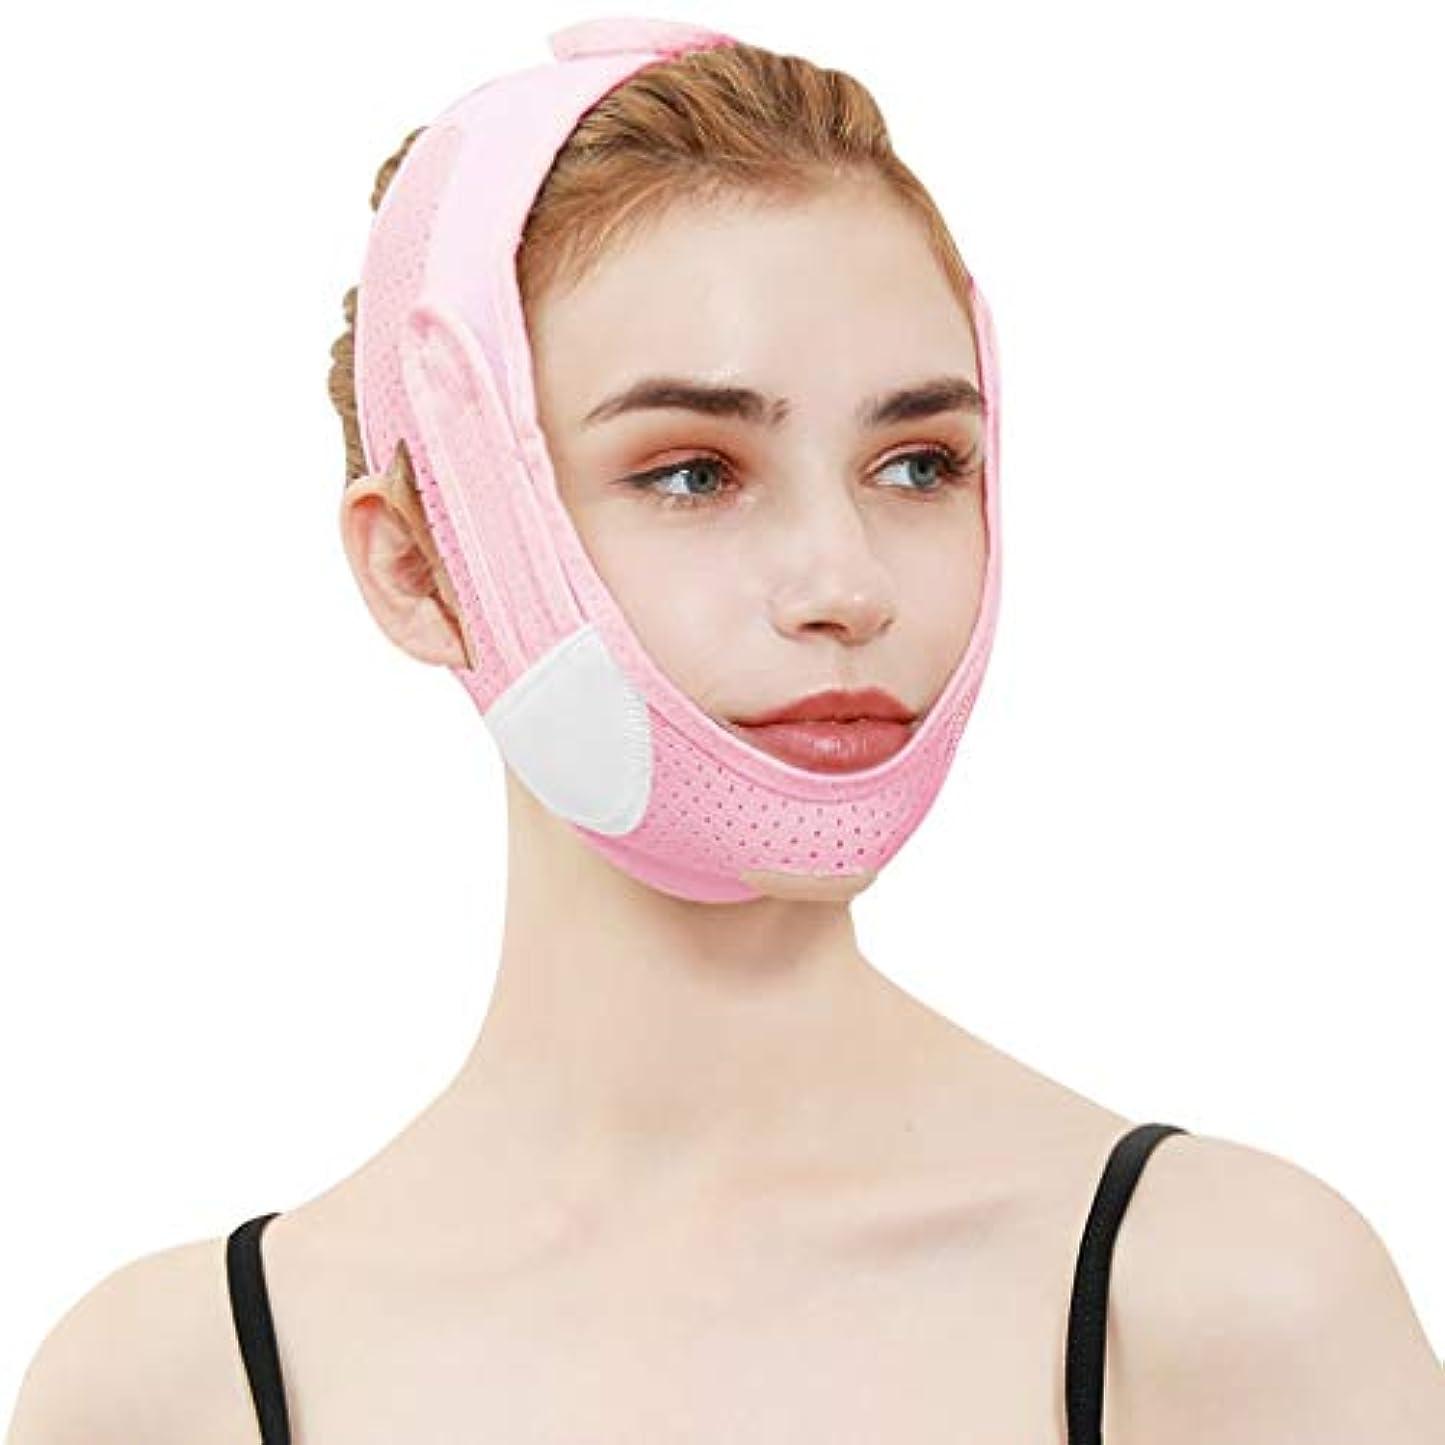 絶滅させるポーチ広告主Jia He 軽量 薄い顔ベルト、薄い顔薄い二重あごVフェイスアーティファクト通気性睡眠包帯はアンチリンクル超薄型ビームフェイスベルトを持ち上げます ## (Color : Pink)